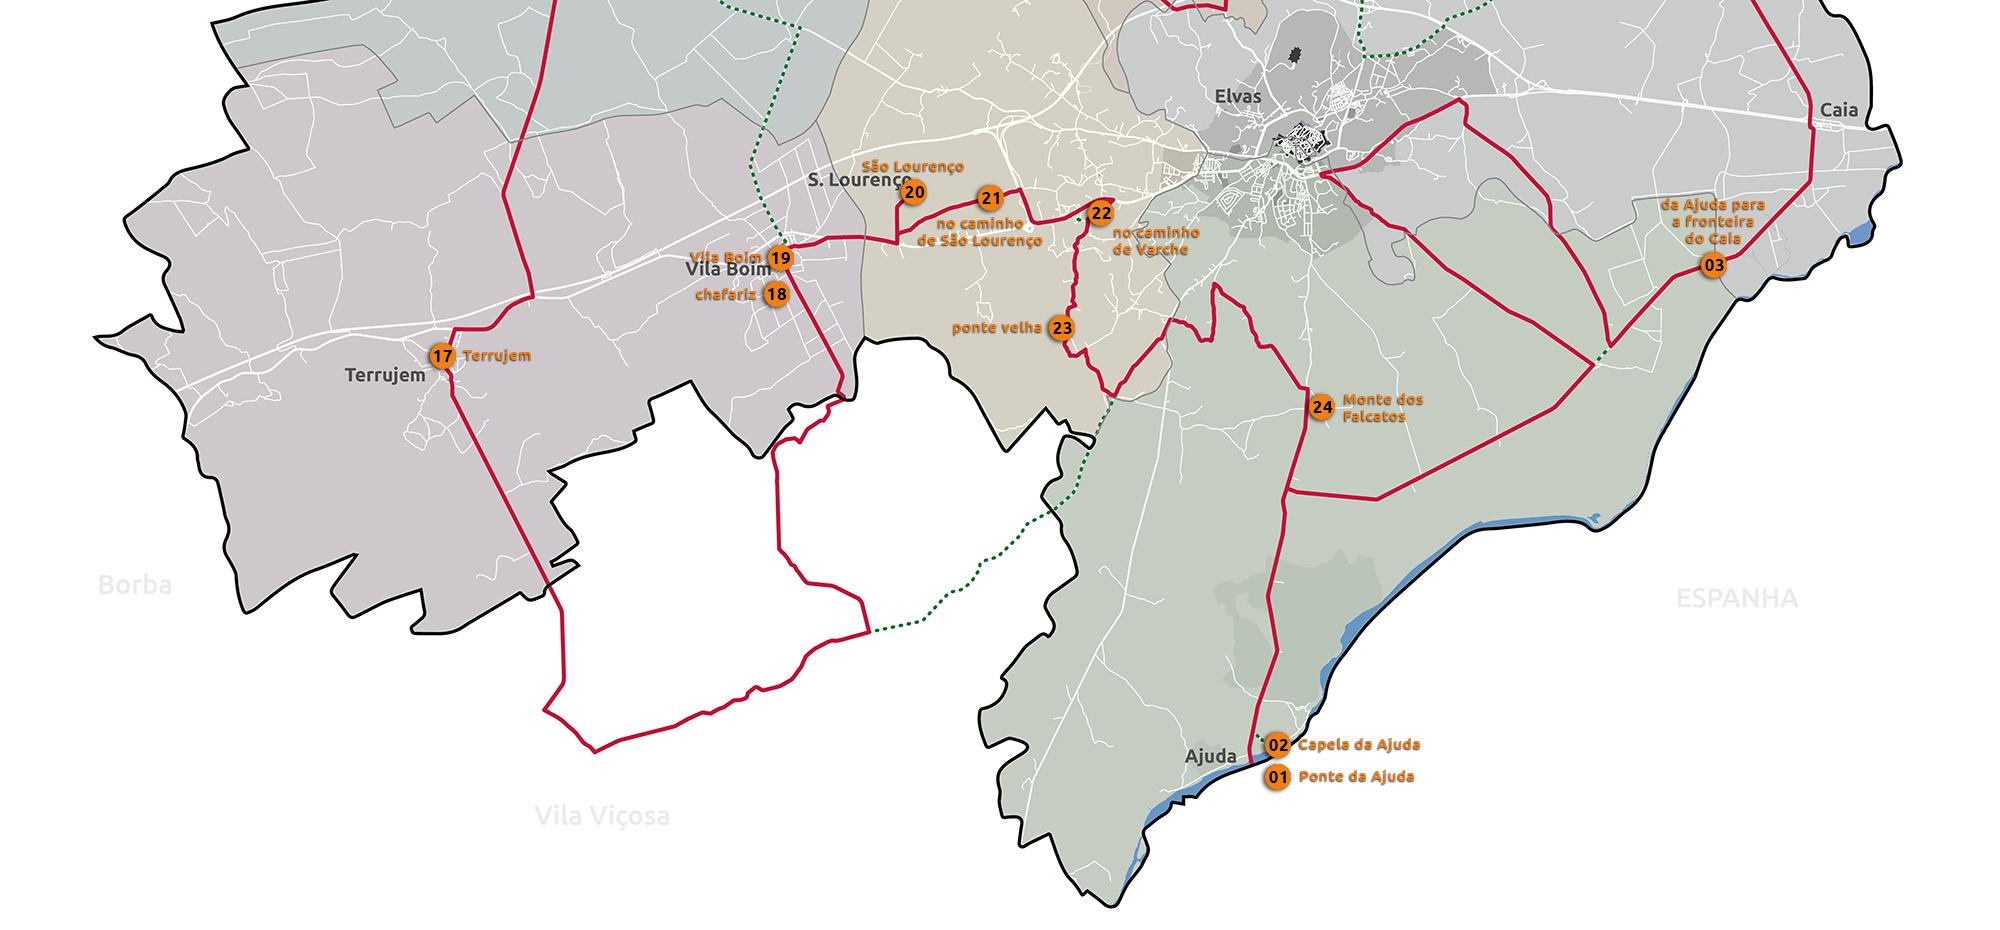 mapa_aumentado_2000x930_elvas_141021-02